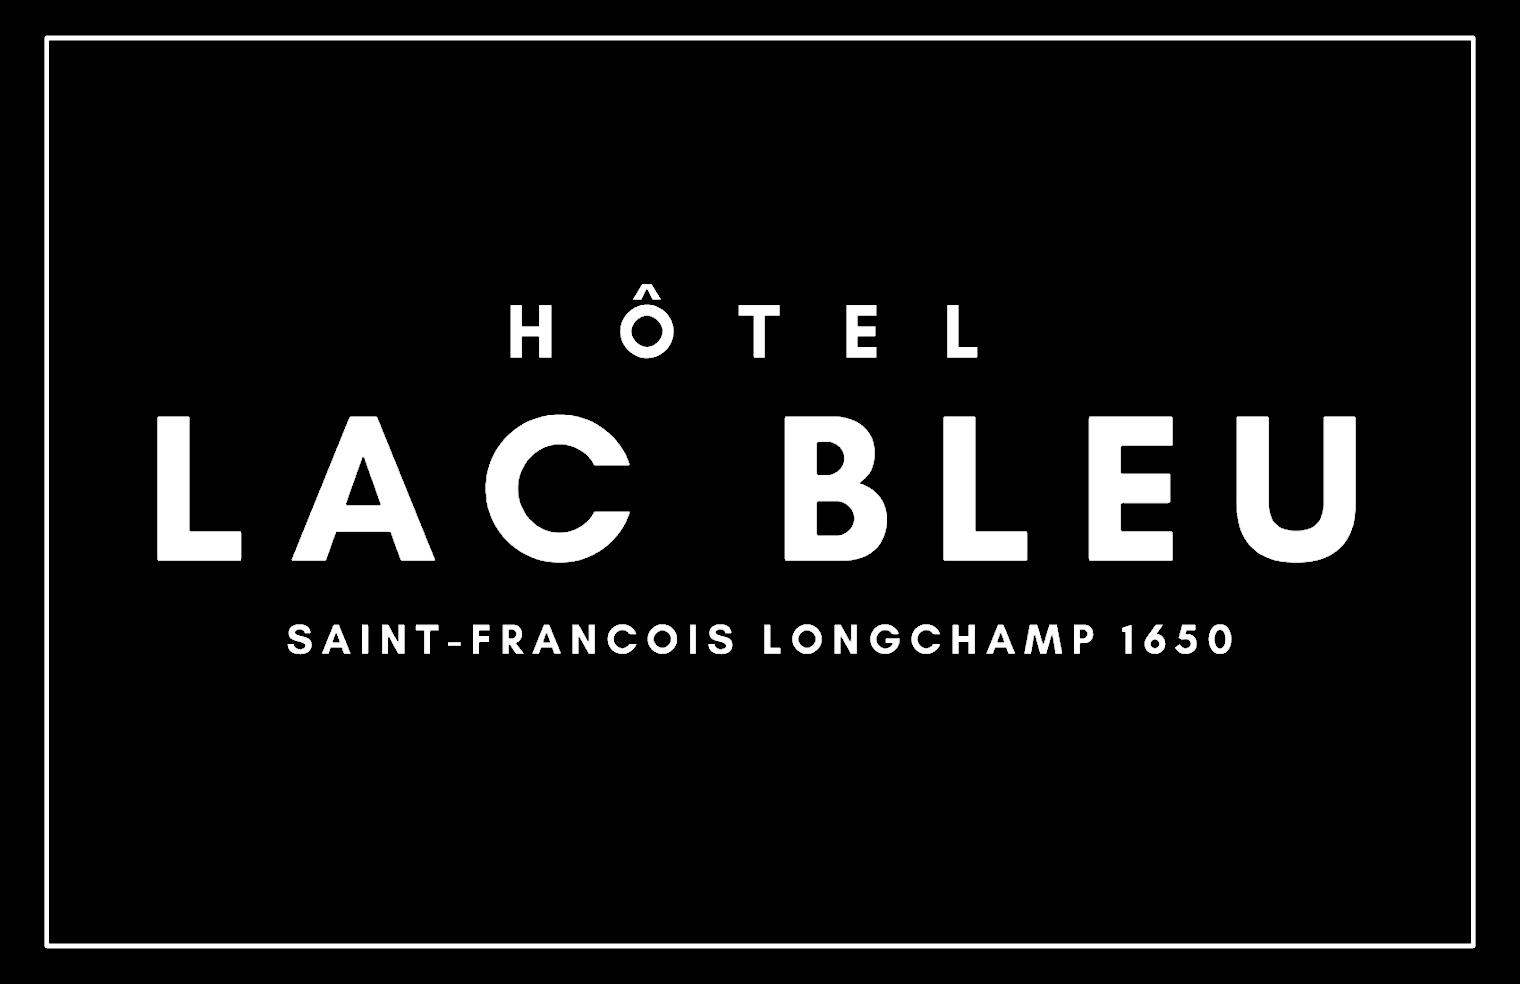 Hôtel Le Lac Bleu 1650 Saint-Francois Longchamp Valmorel